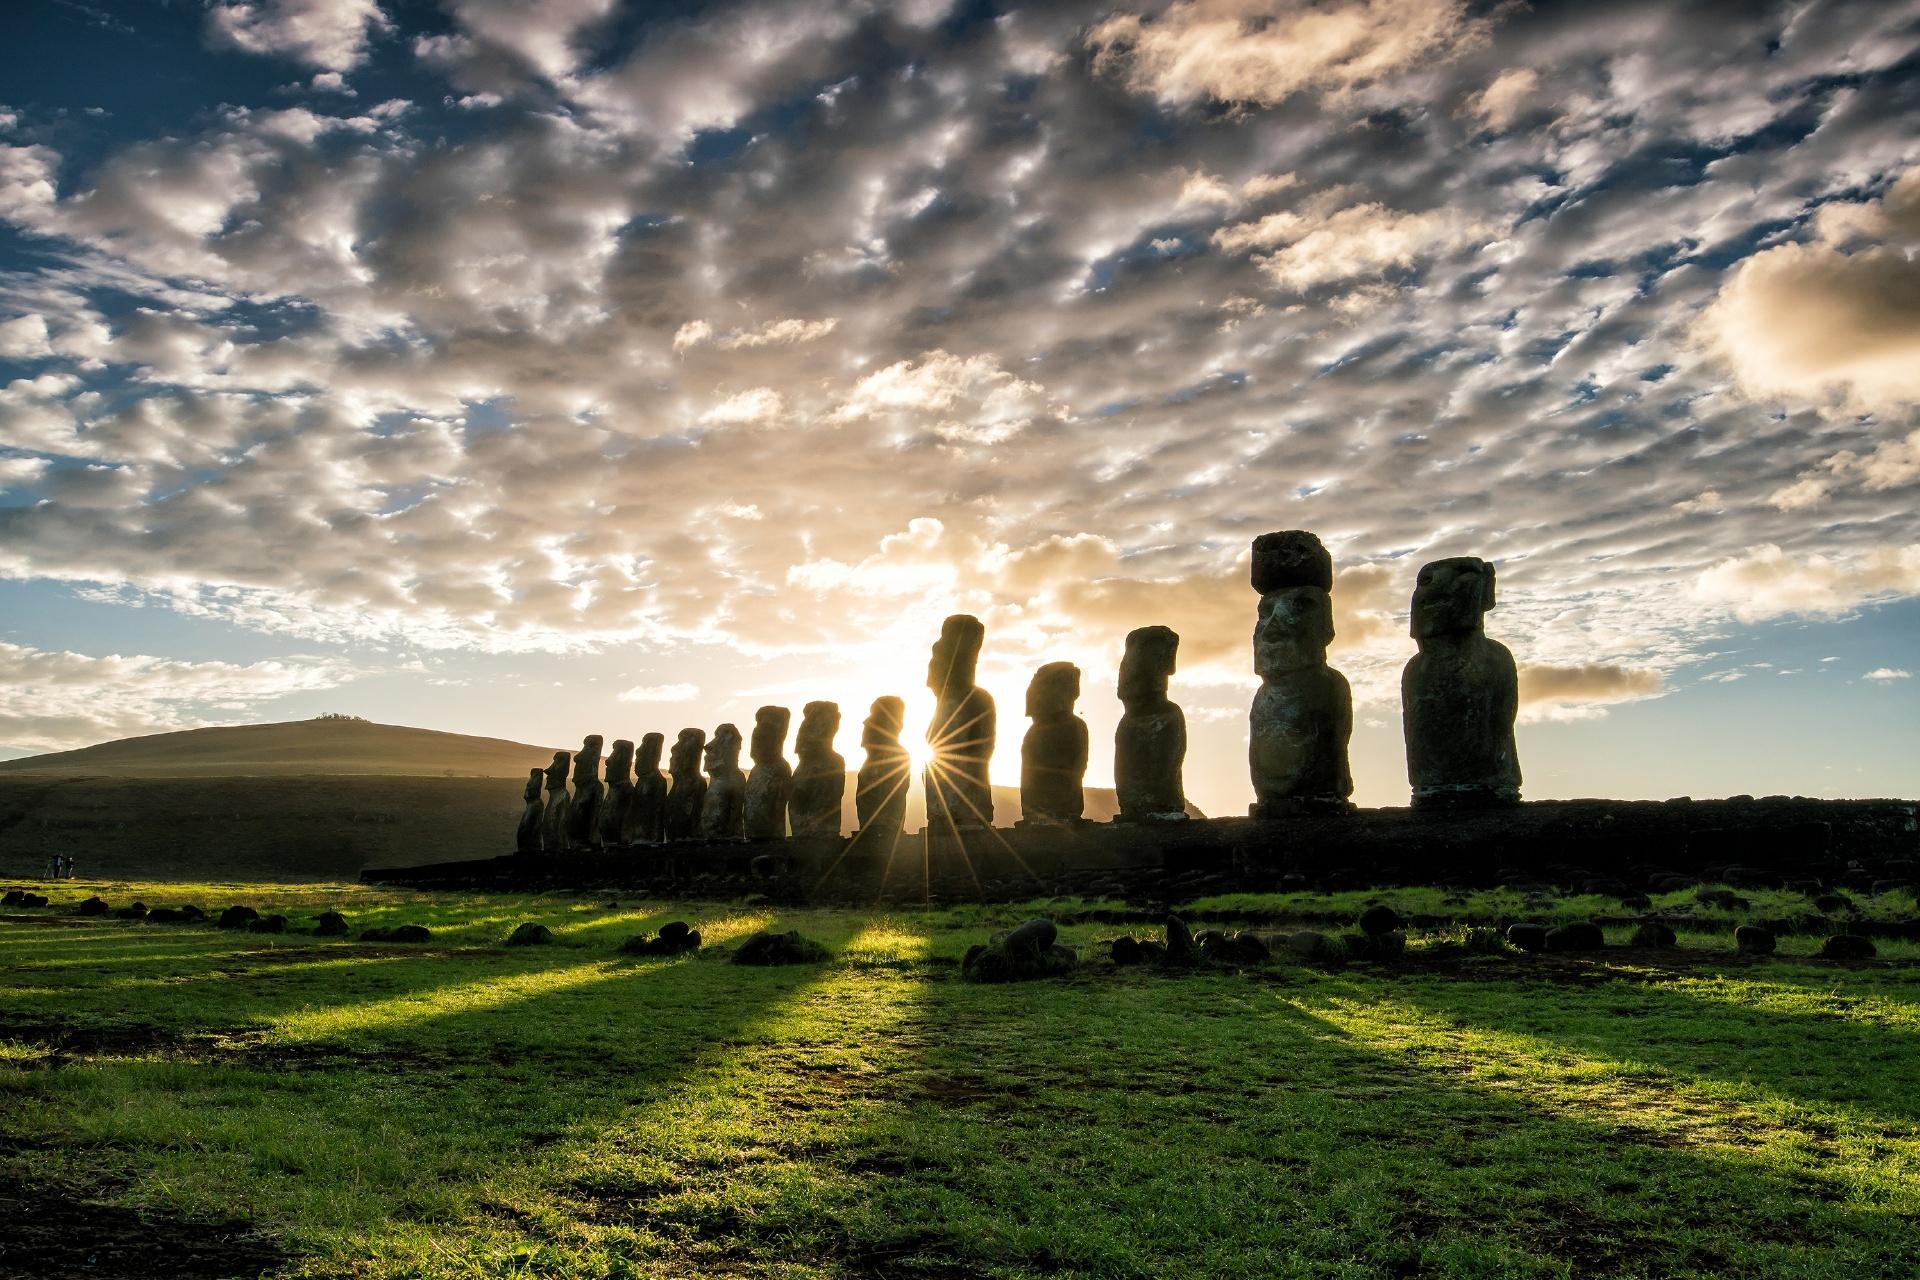 イースター島の日の出とモアイ像 チリの風景